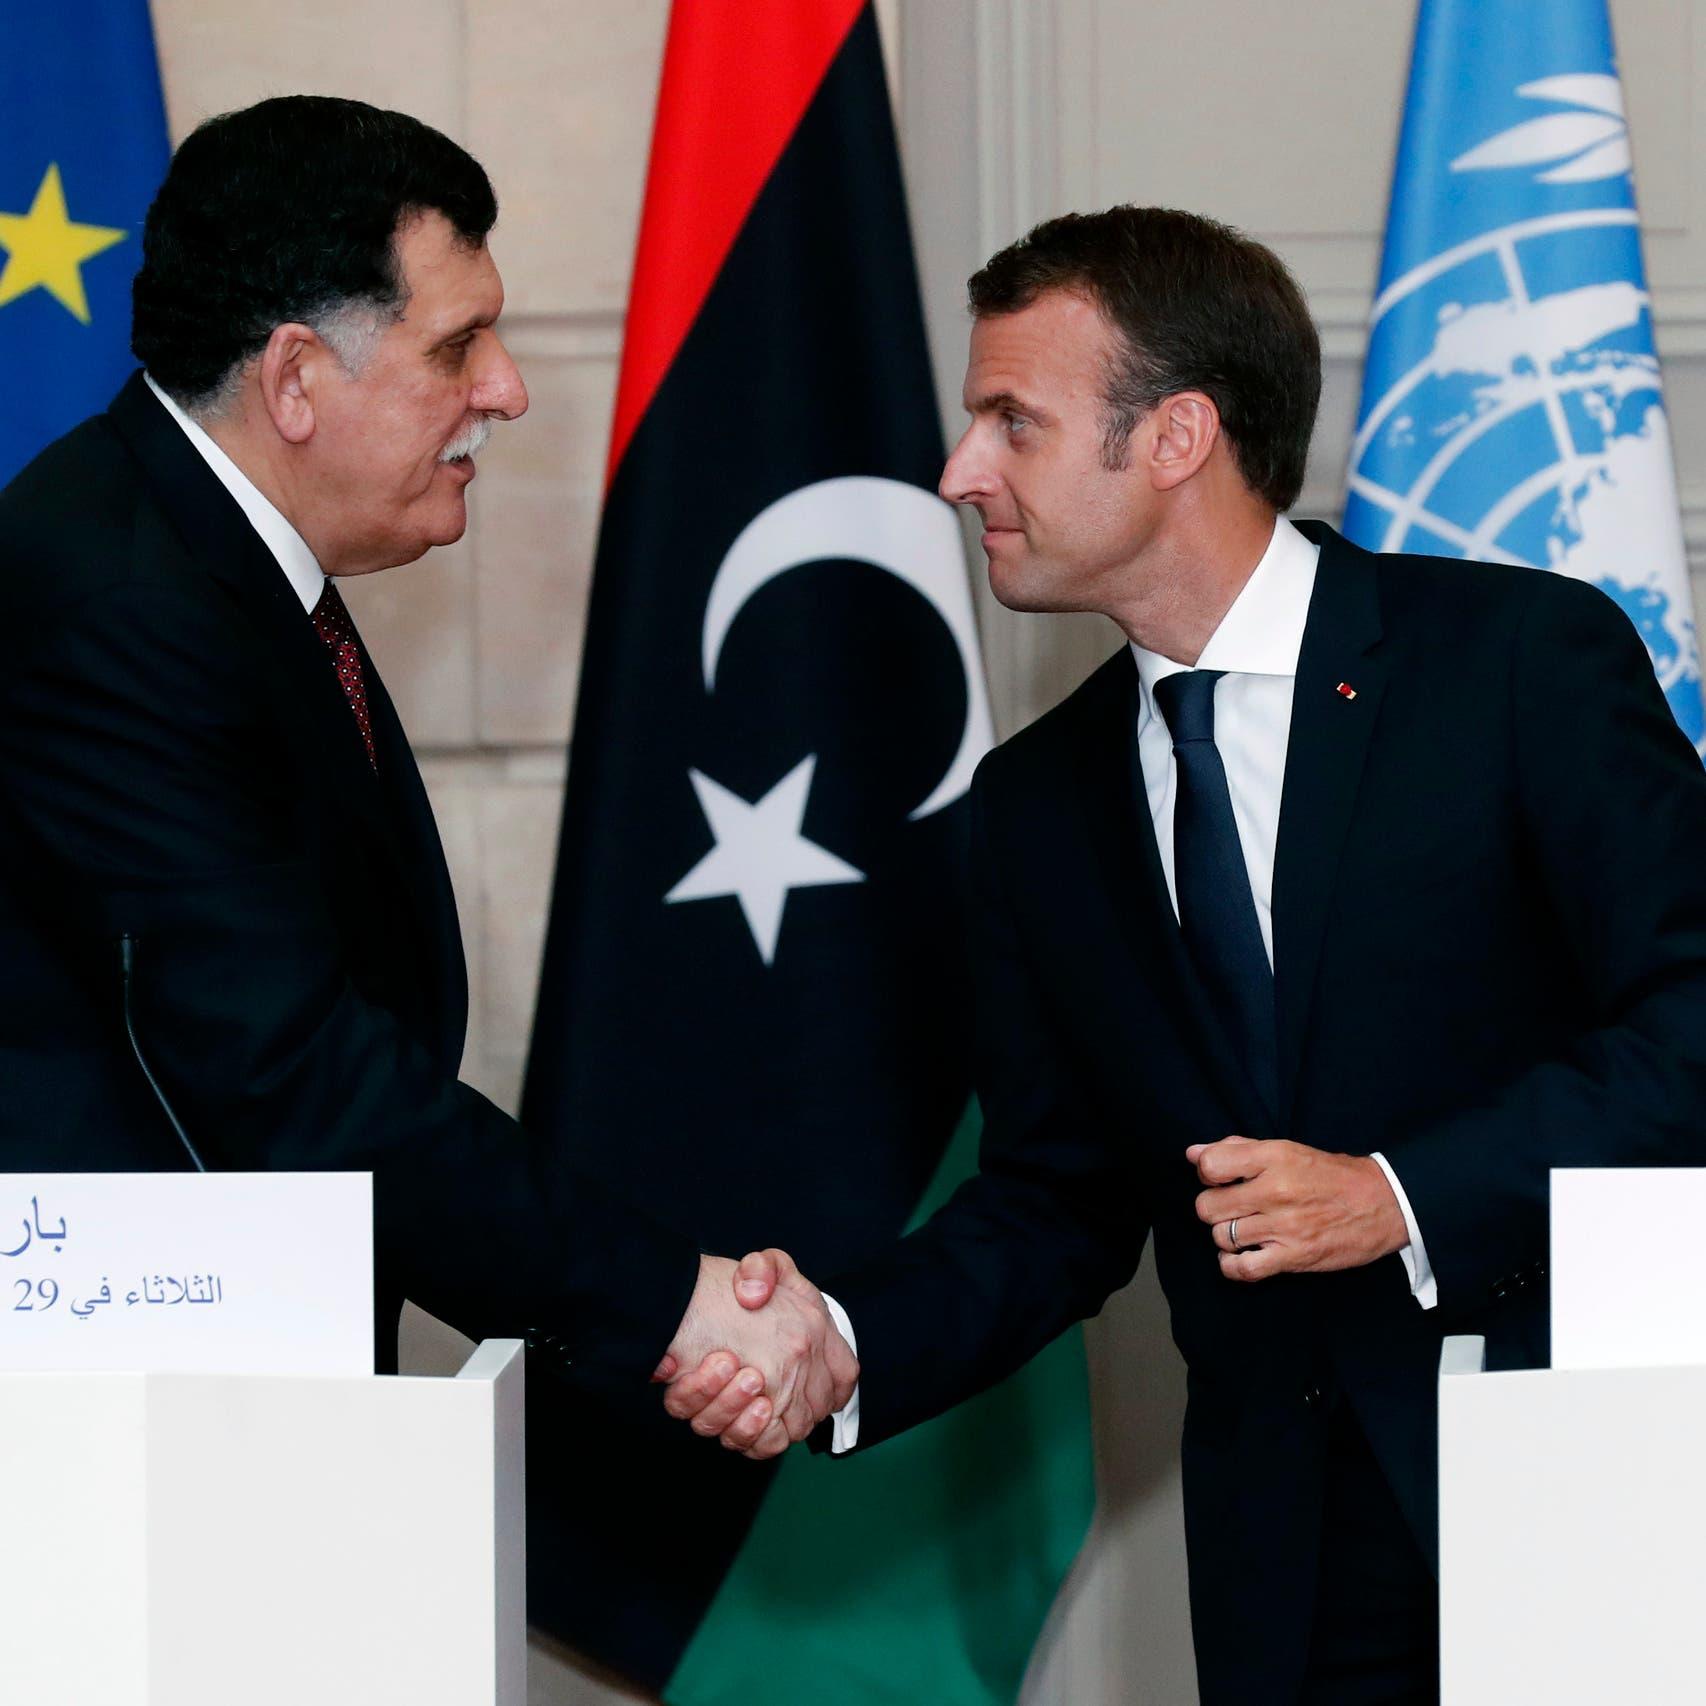 حكومة الوفاق: السراج تلقى دعوة من ماكرون لزيارة باريس